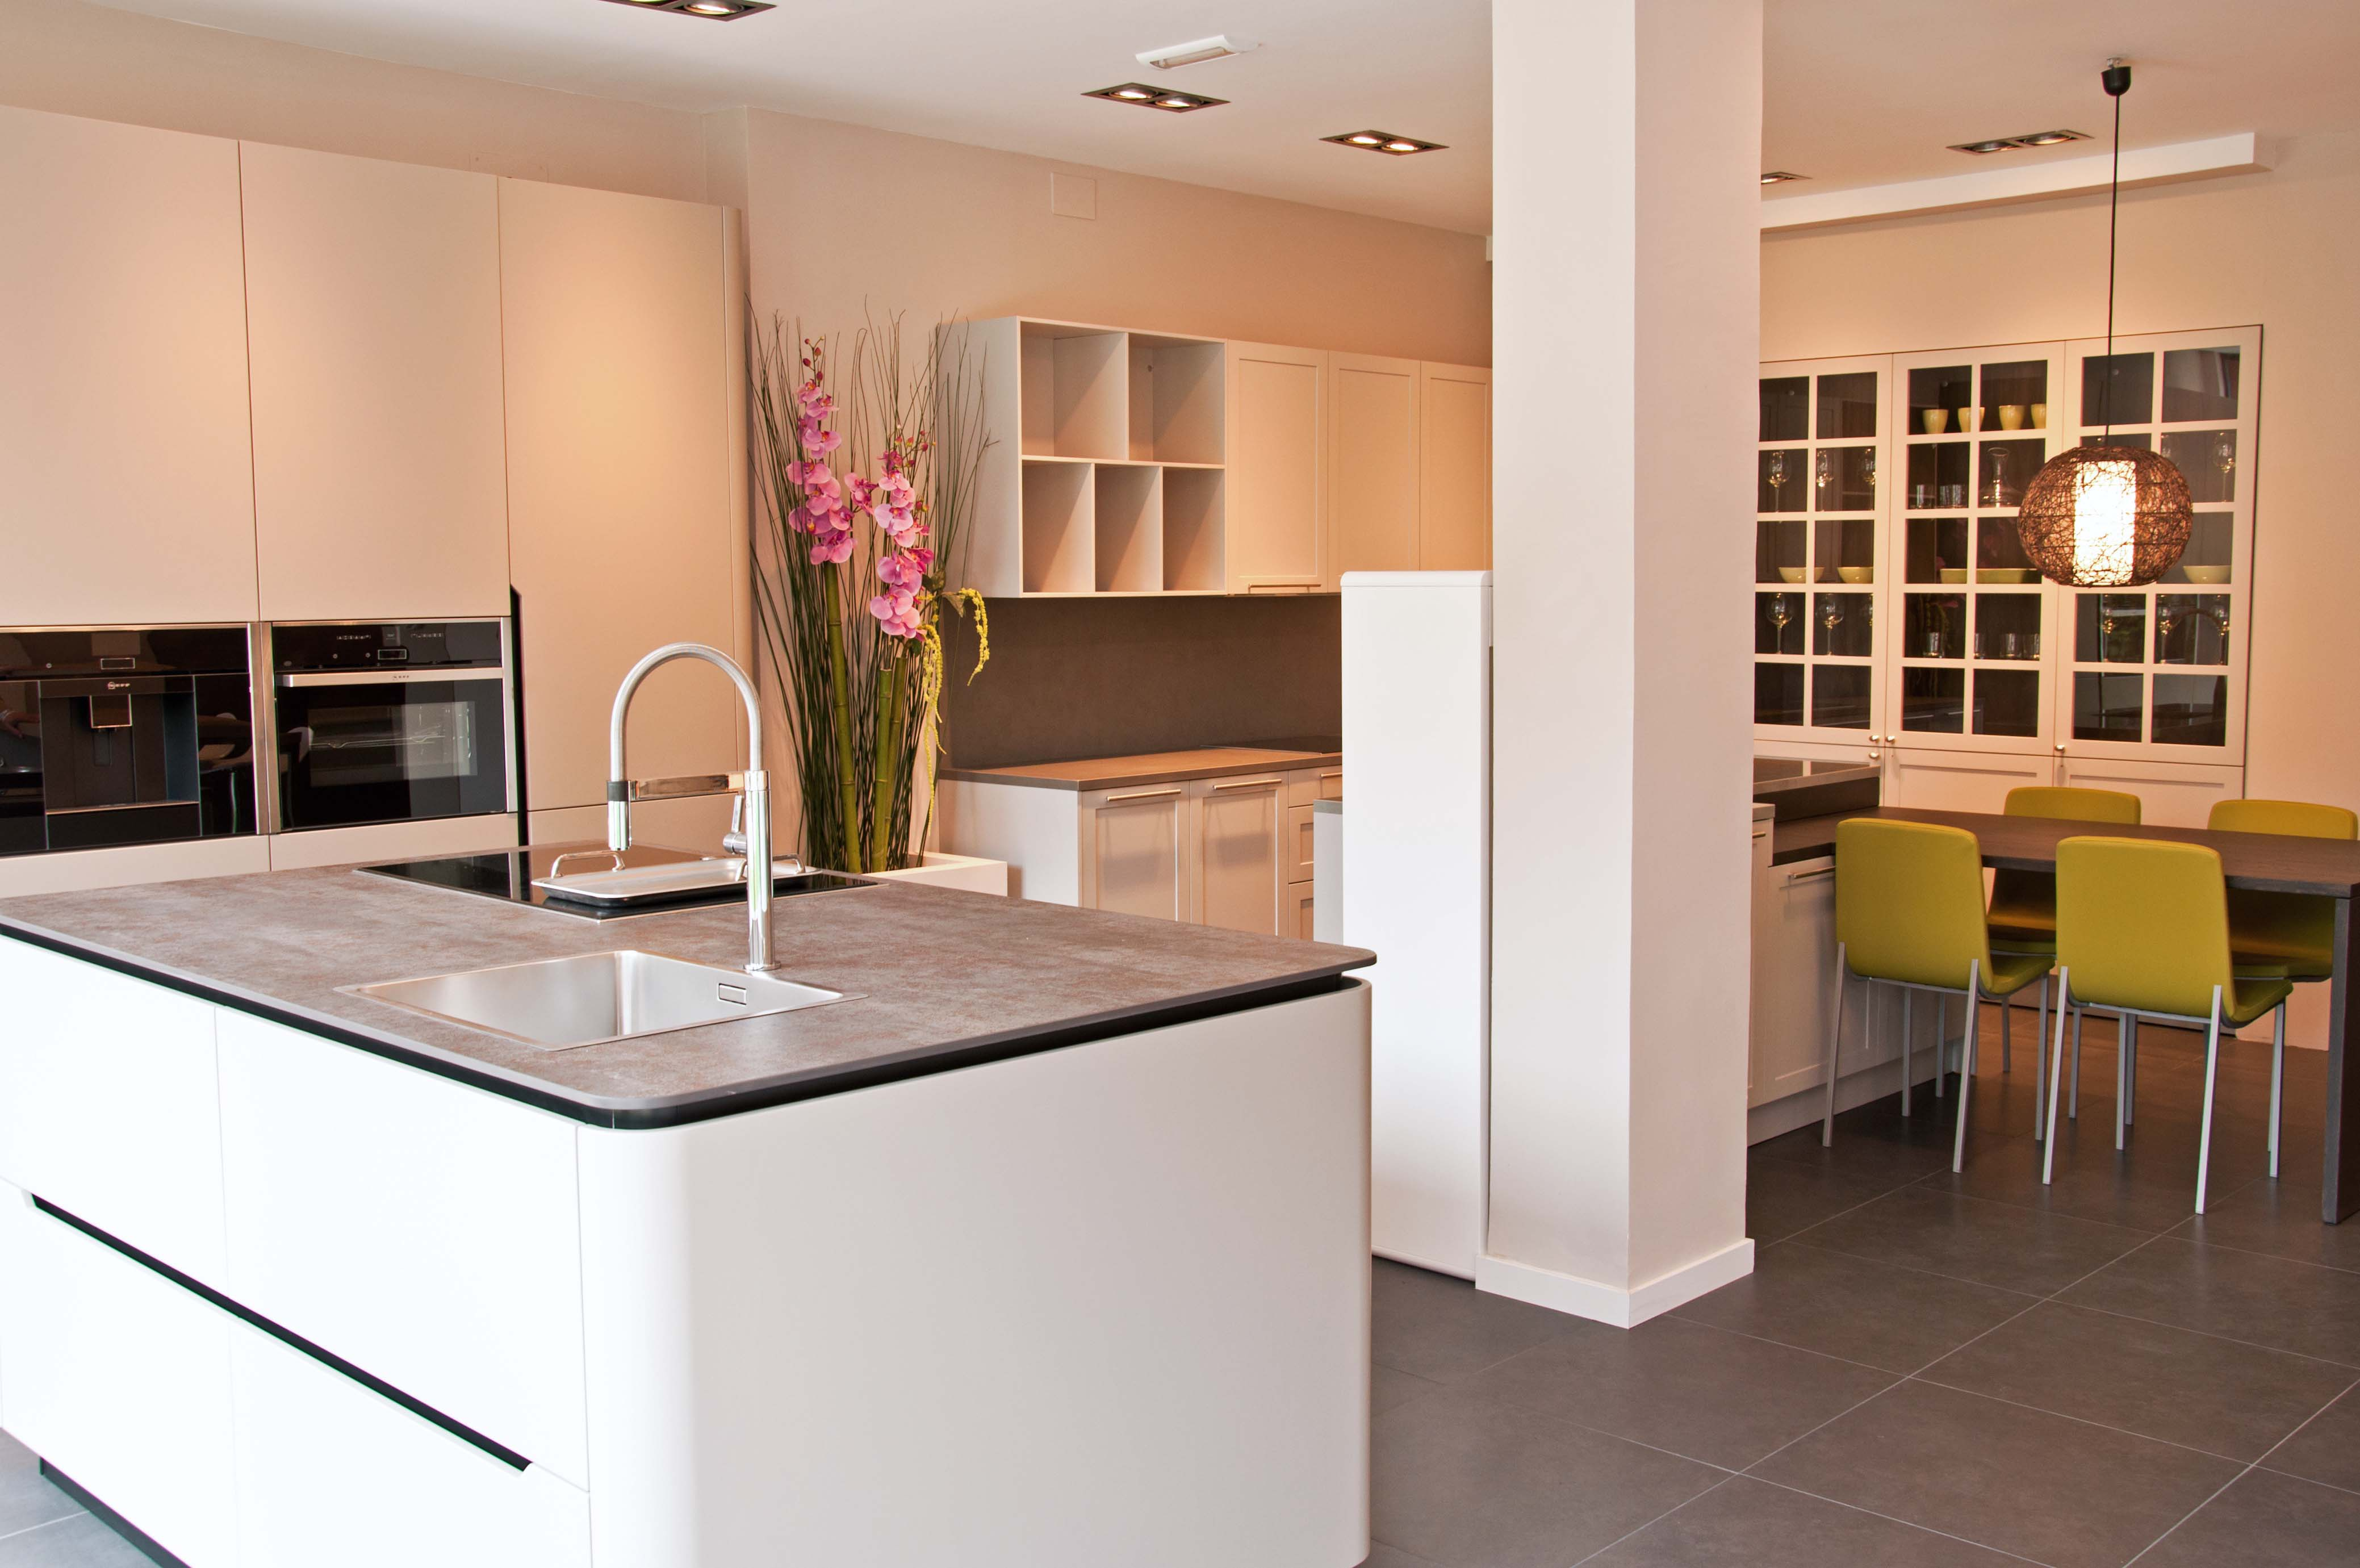 muebles de cocina en pozuelo de alarc n